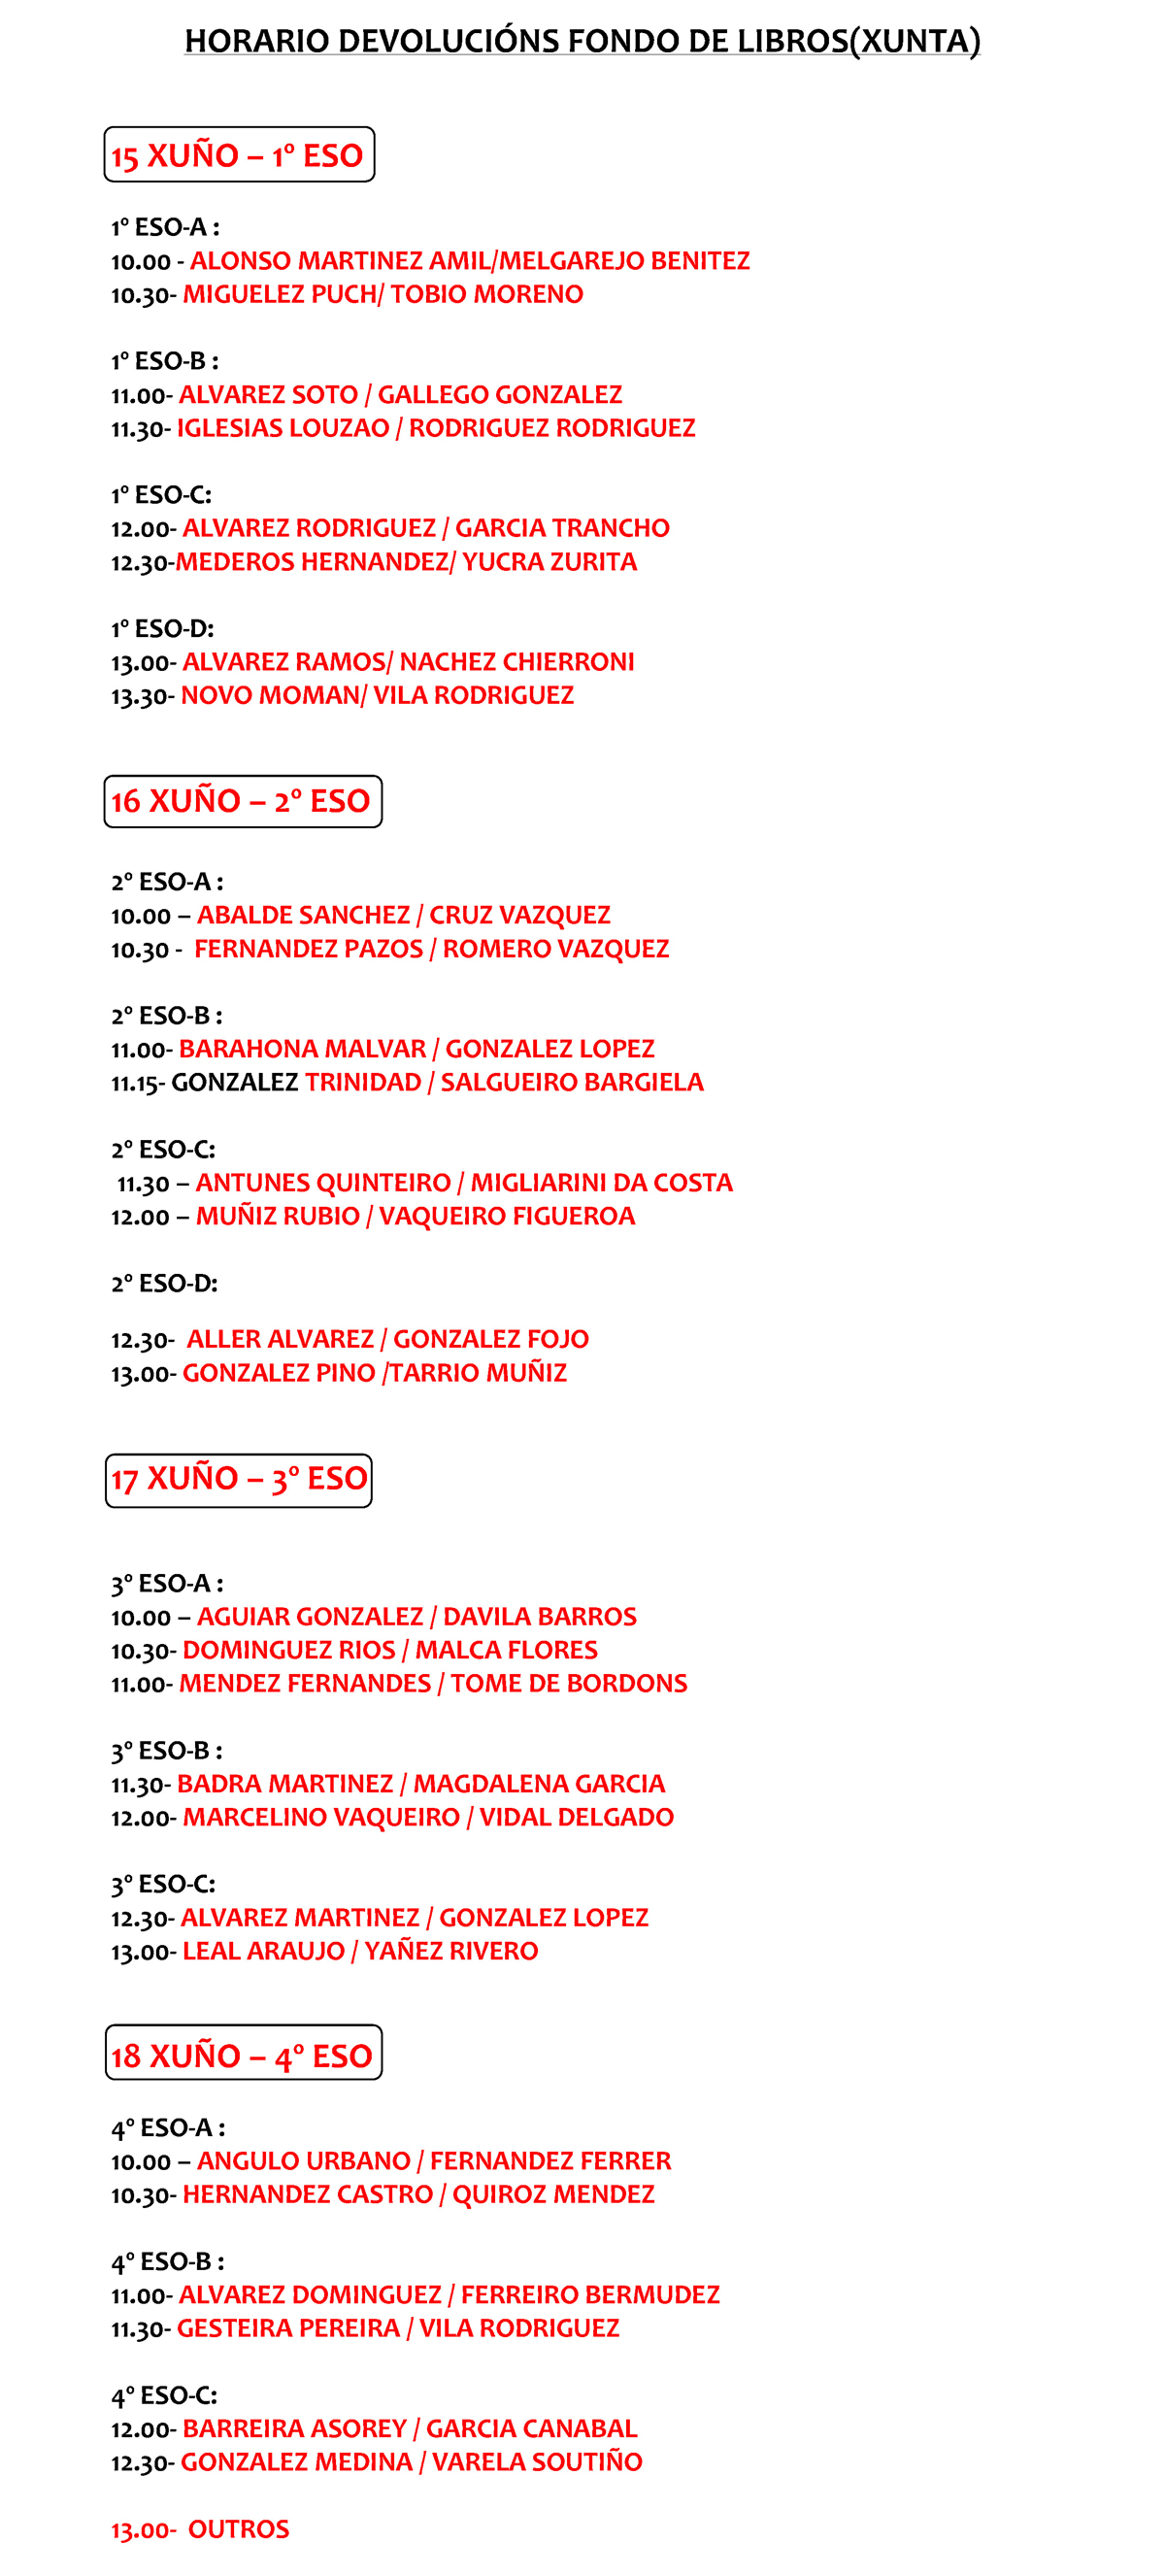 horario-devolucions-fondo-de-libros-06-2020.jpg